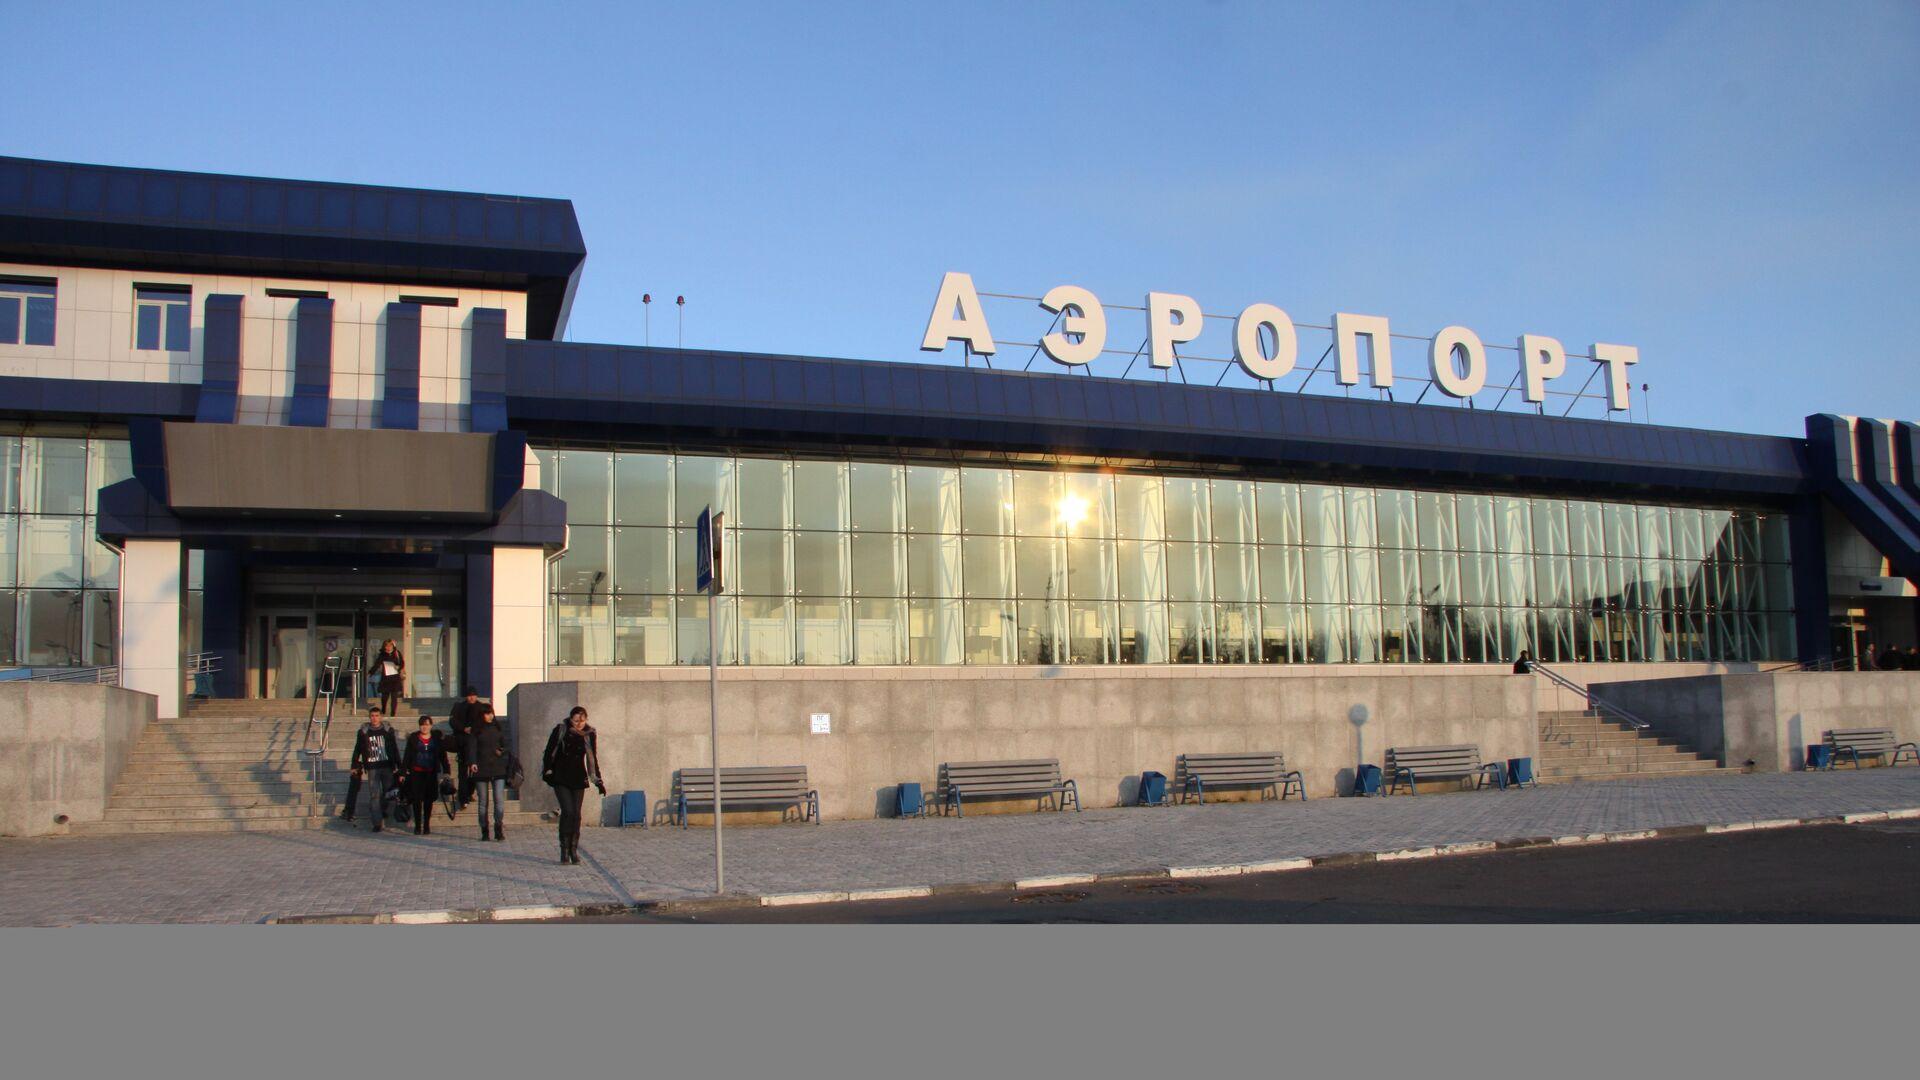 Аэропорт Благовещенска - РИА Новости, 1920, 23.09.2020